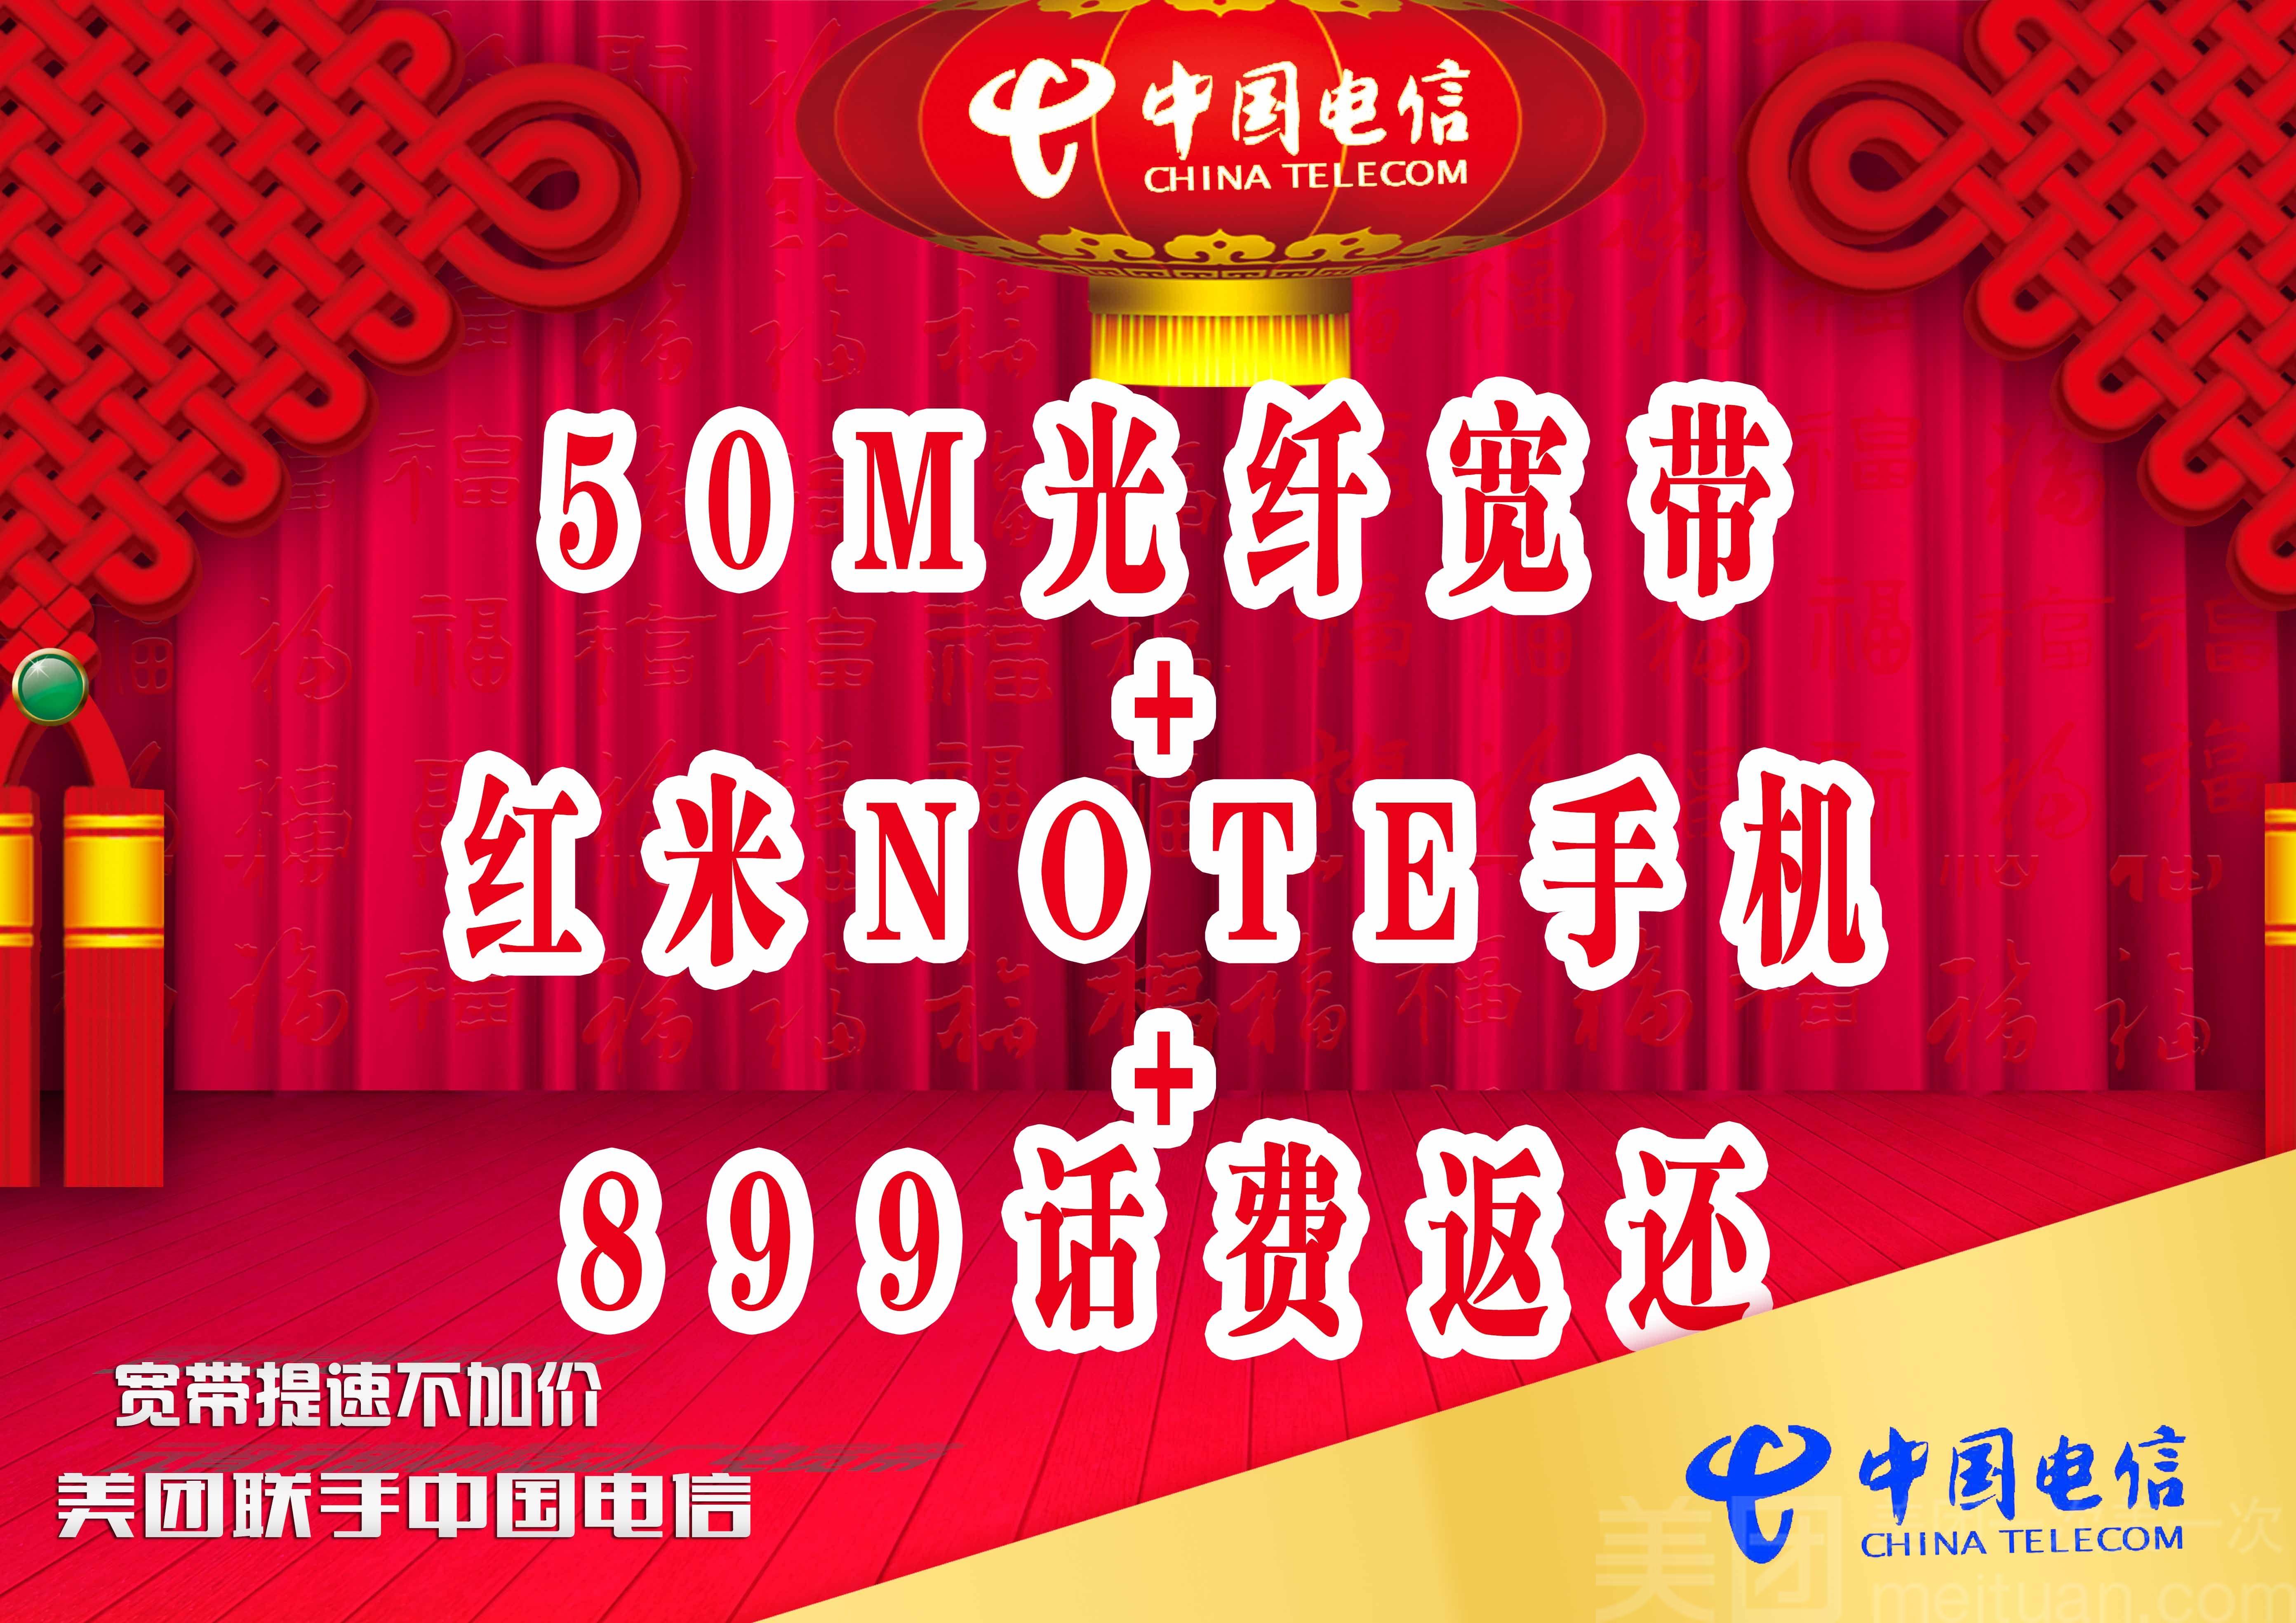 中国电信-电信宽带30M,仅售899元,价值1049元电信宽带30M,免费WiFi,免费停车位!